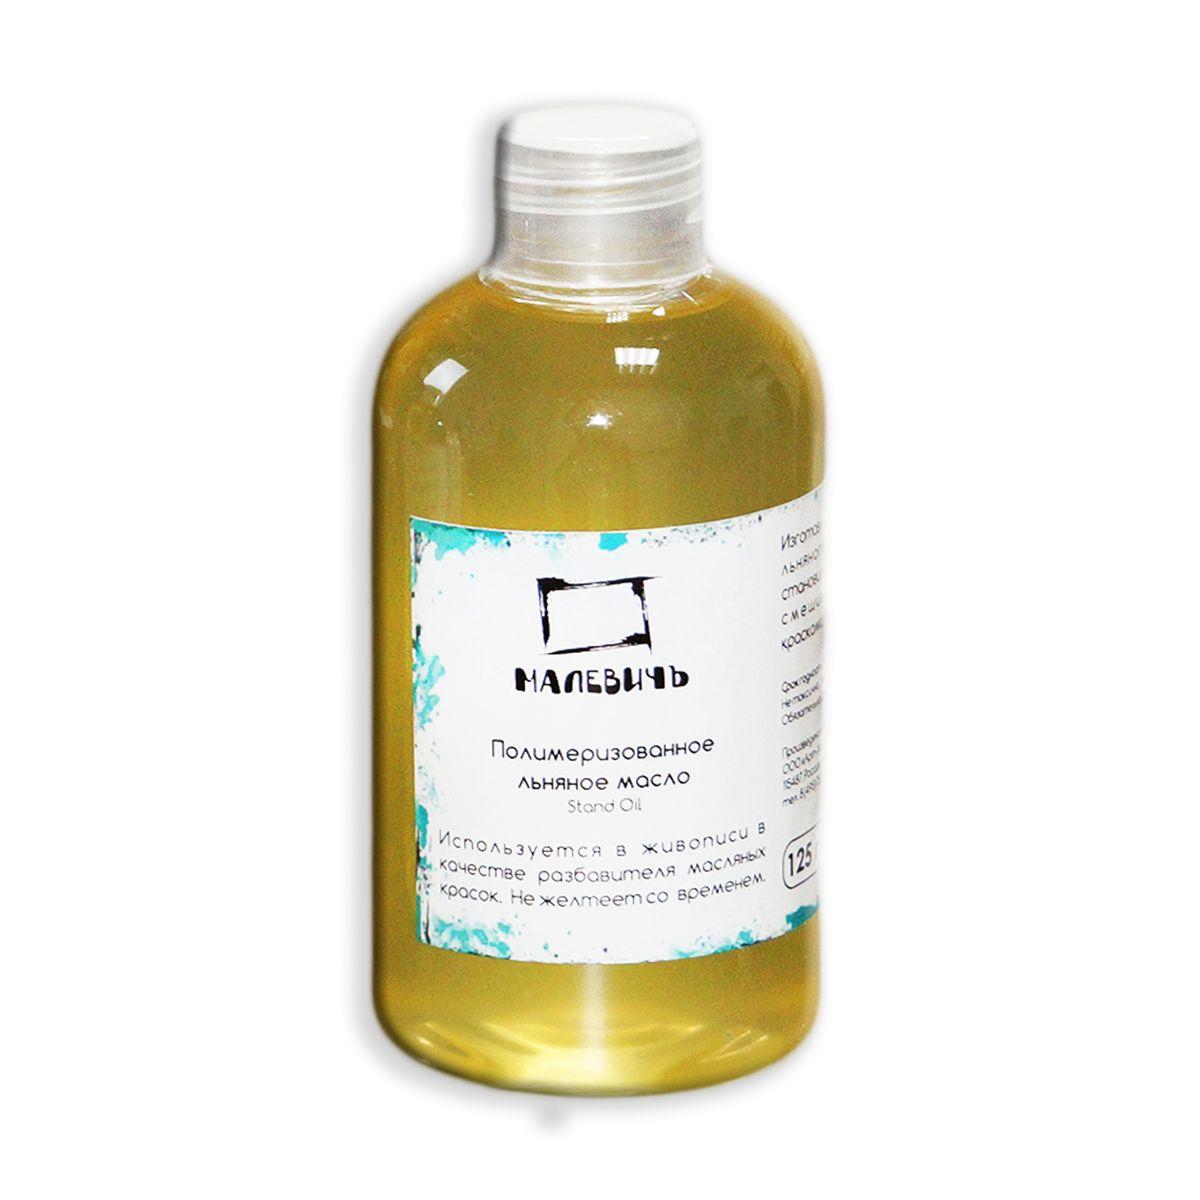 Малевичъ Полимеризованное льняное масло 125 мл14С 1019-08Полимеризованное льняное масло Малевичъ наделяет краски более яркими, полными тонами и может использоваться для коррекции пожухших участков живописи, а также в качестве глянцевого лака для масляных красок. Благодаря специальной обработке полимеризованное льняное масло становится непроницаемым для воды и газов, фактически превращаясь в лак. Оно теряет способность желтеть, поскольку отвечающий за это свойство линоленовый глицерид становится крайне устойчивым к химическим изменениям смолистым веществом.Пленка полимеризованного льняного масла может использоваться в качестве финишного лака, сохраняющего свежесть и яркость красоки придающего готовой картине привлекательный глянцевый блеск.Льняные масла Малевичъ:•натуральный, экологически чистый продукт•полностью очищены от посторонних примесей•выдержаны и отбелены•не желтеют с течением времени•не деформируют красочный слой•образуют прочную пленку при высыхании•могут использоваться в качествелака и основы для «тройника»Экономичная упаковка 125 мл позволяет полностью использовать средство до истечения срока годности.